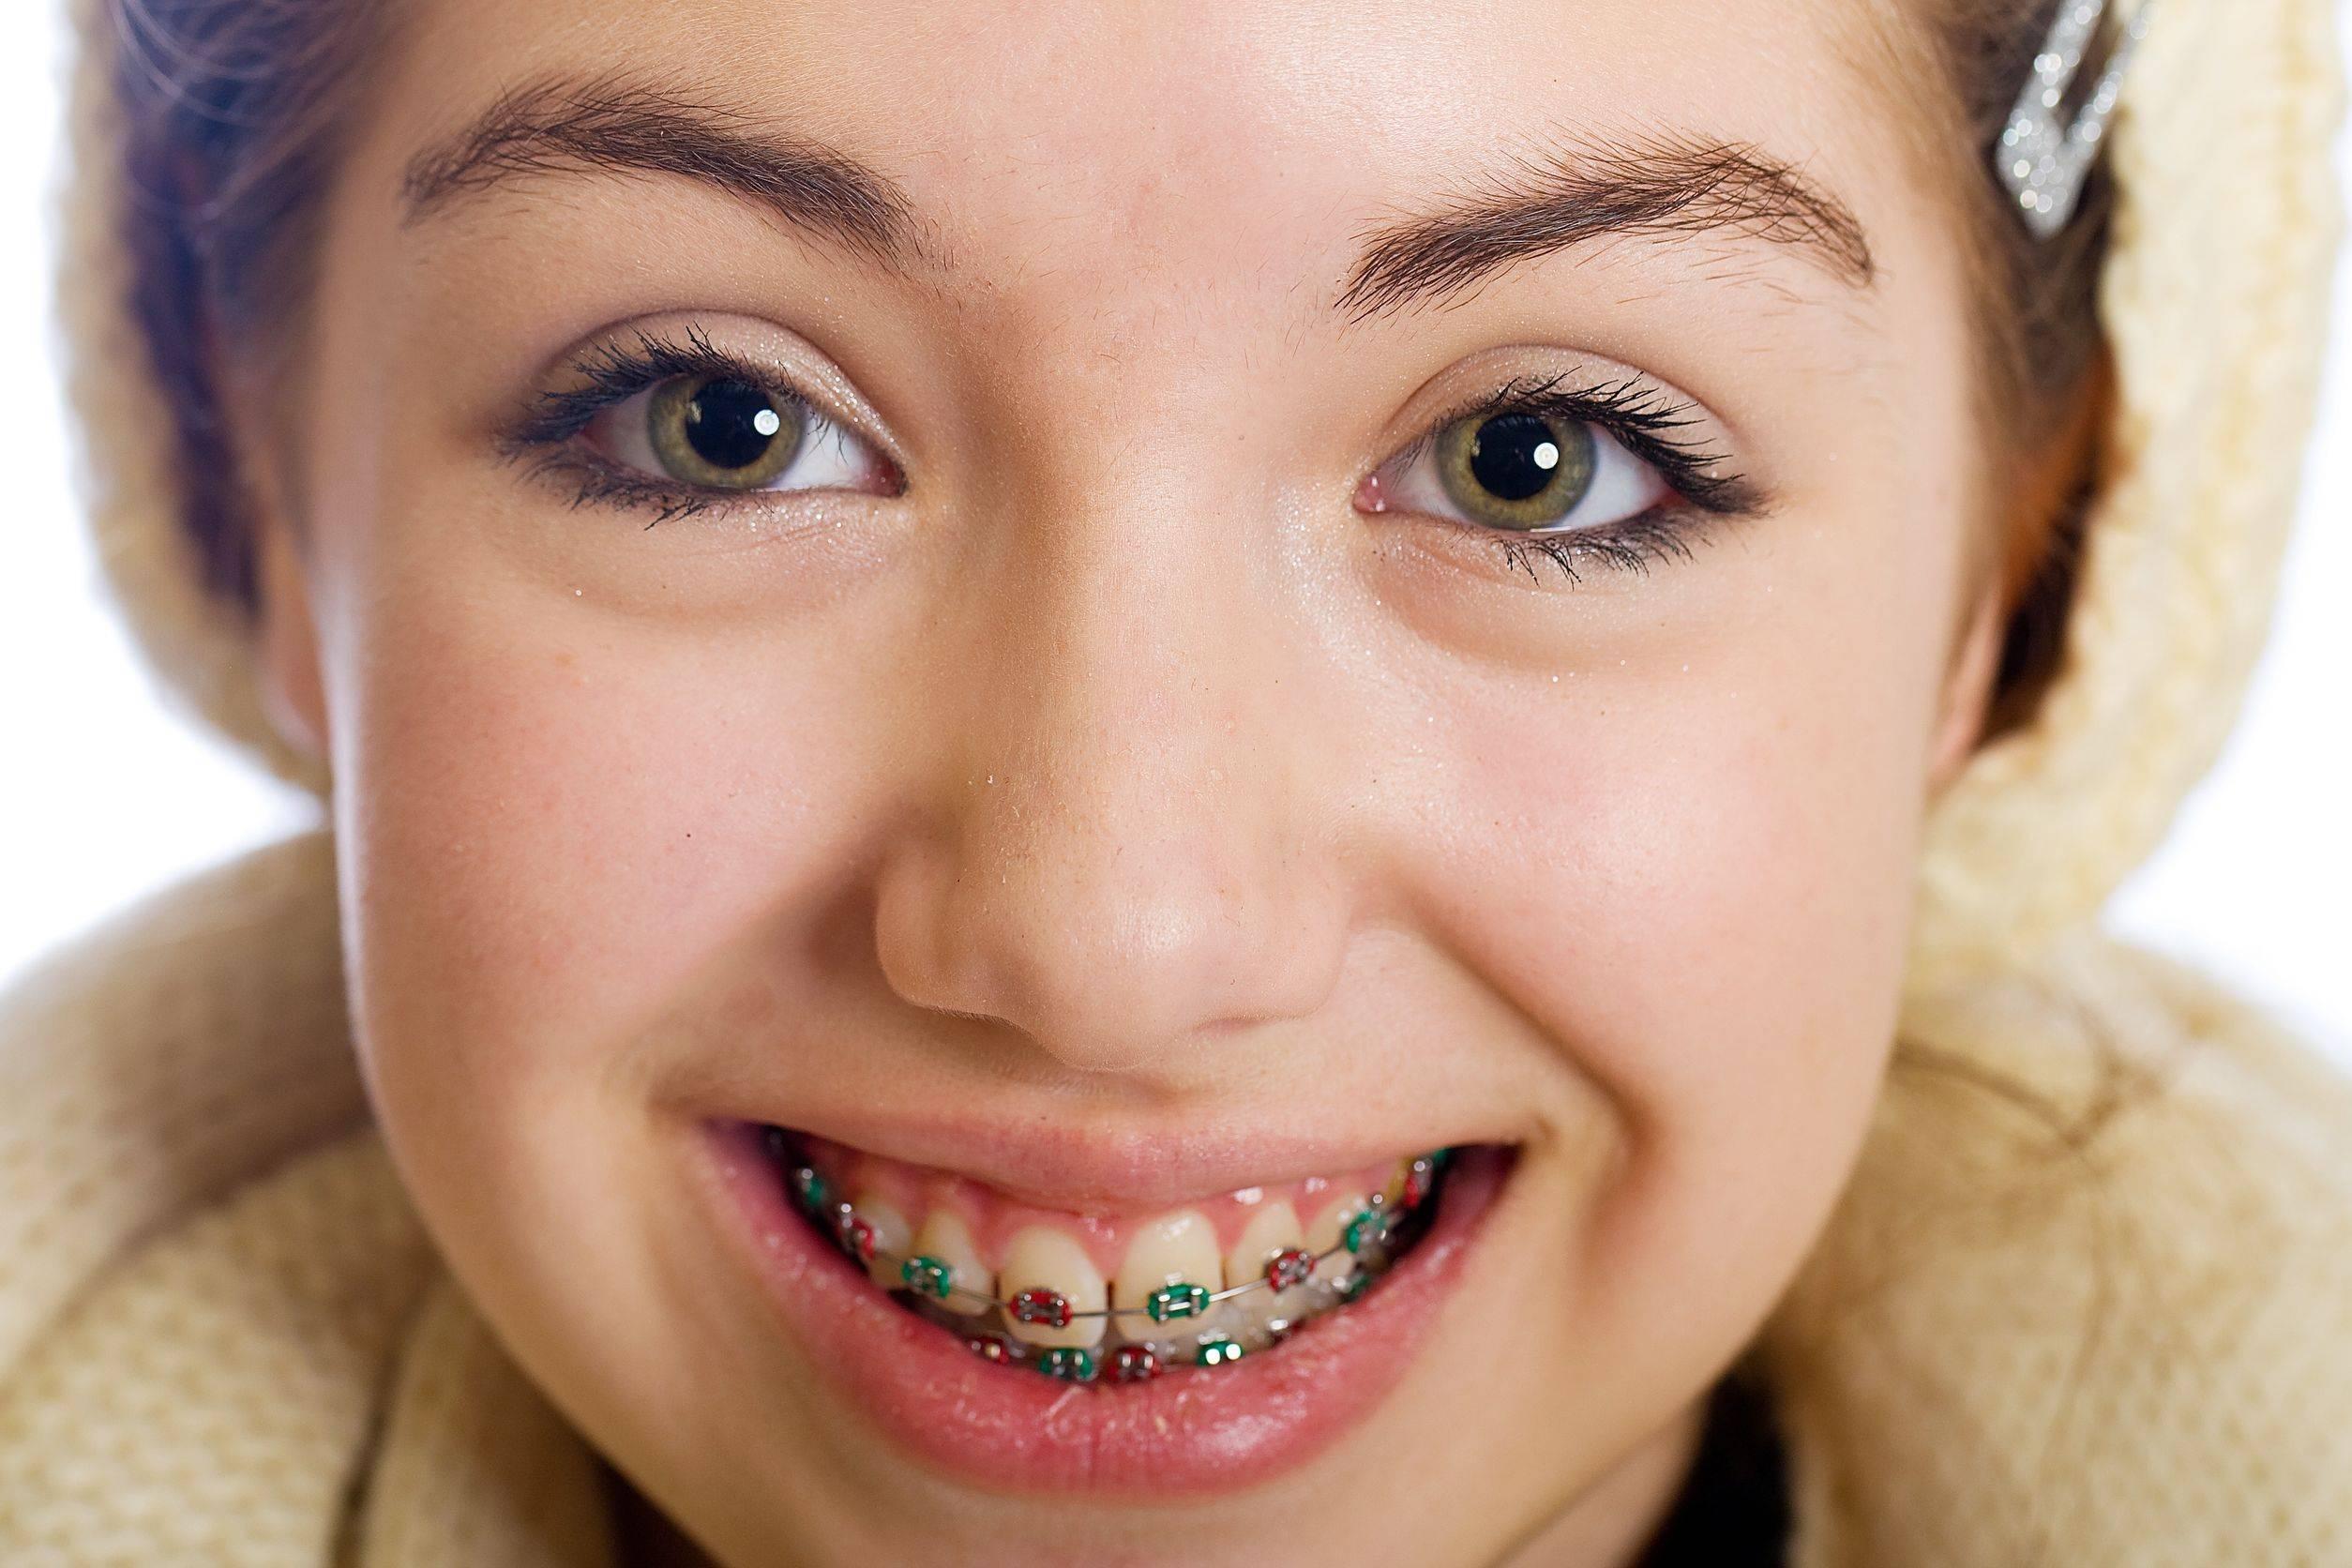 Брекеты для детей в москве – стоимость установки беректов подросткам и детям в детской стоматологии